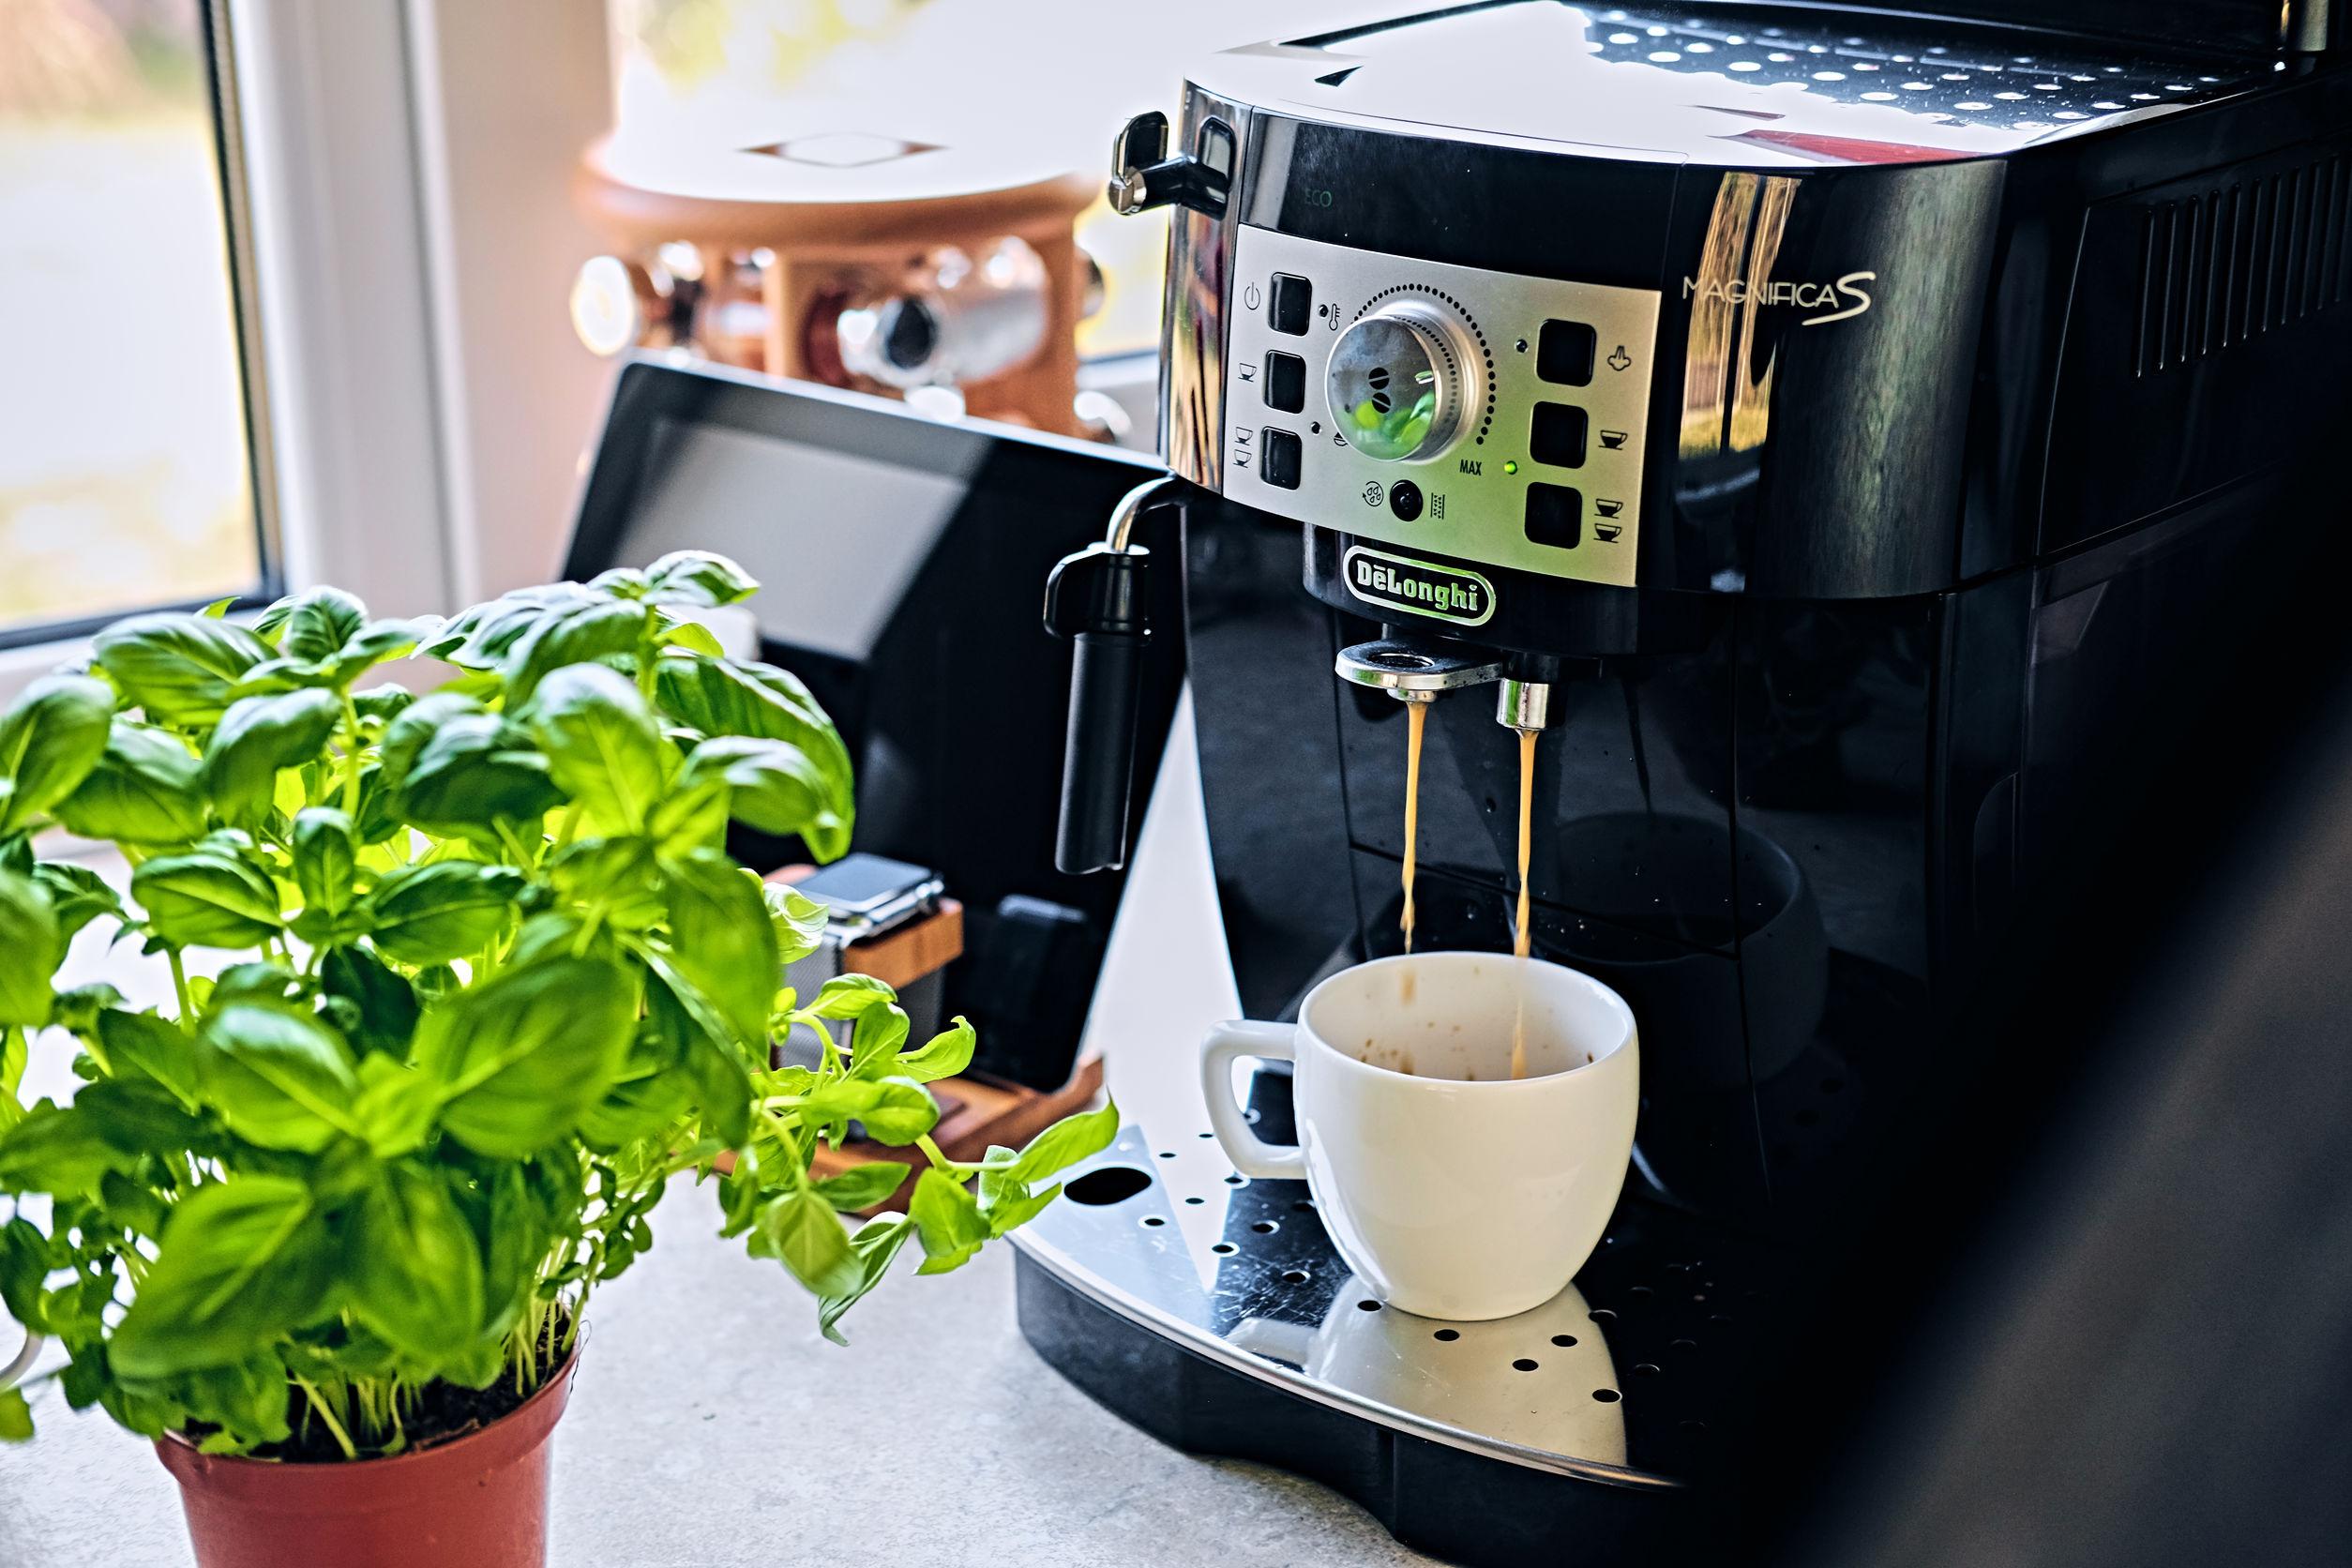 Máquina de café profesional para uso doméstico.